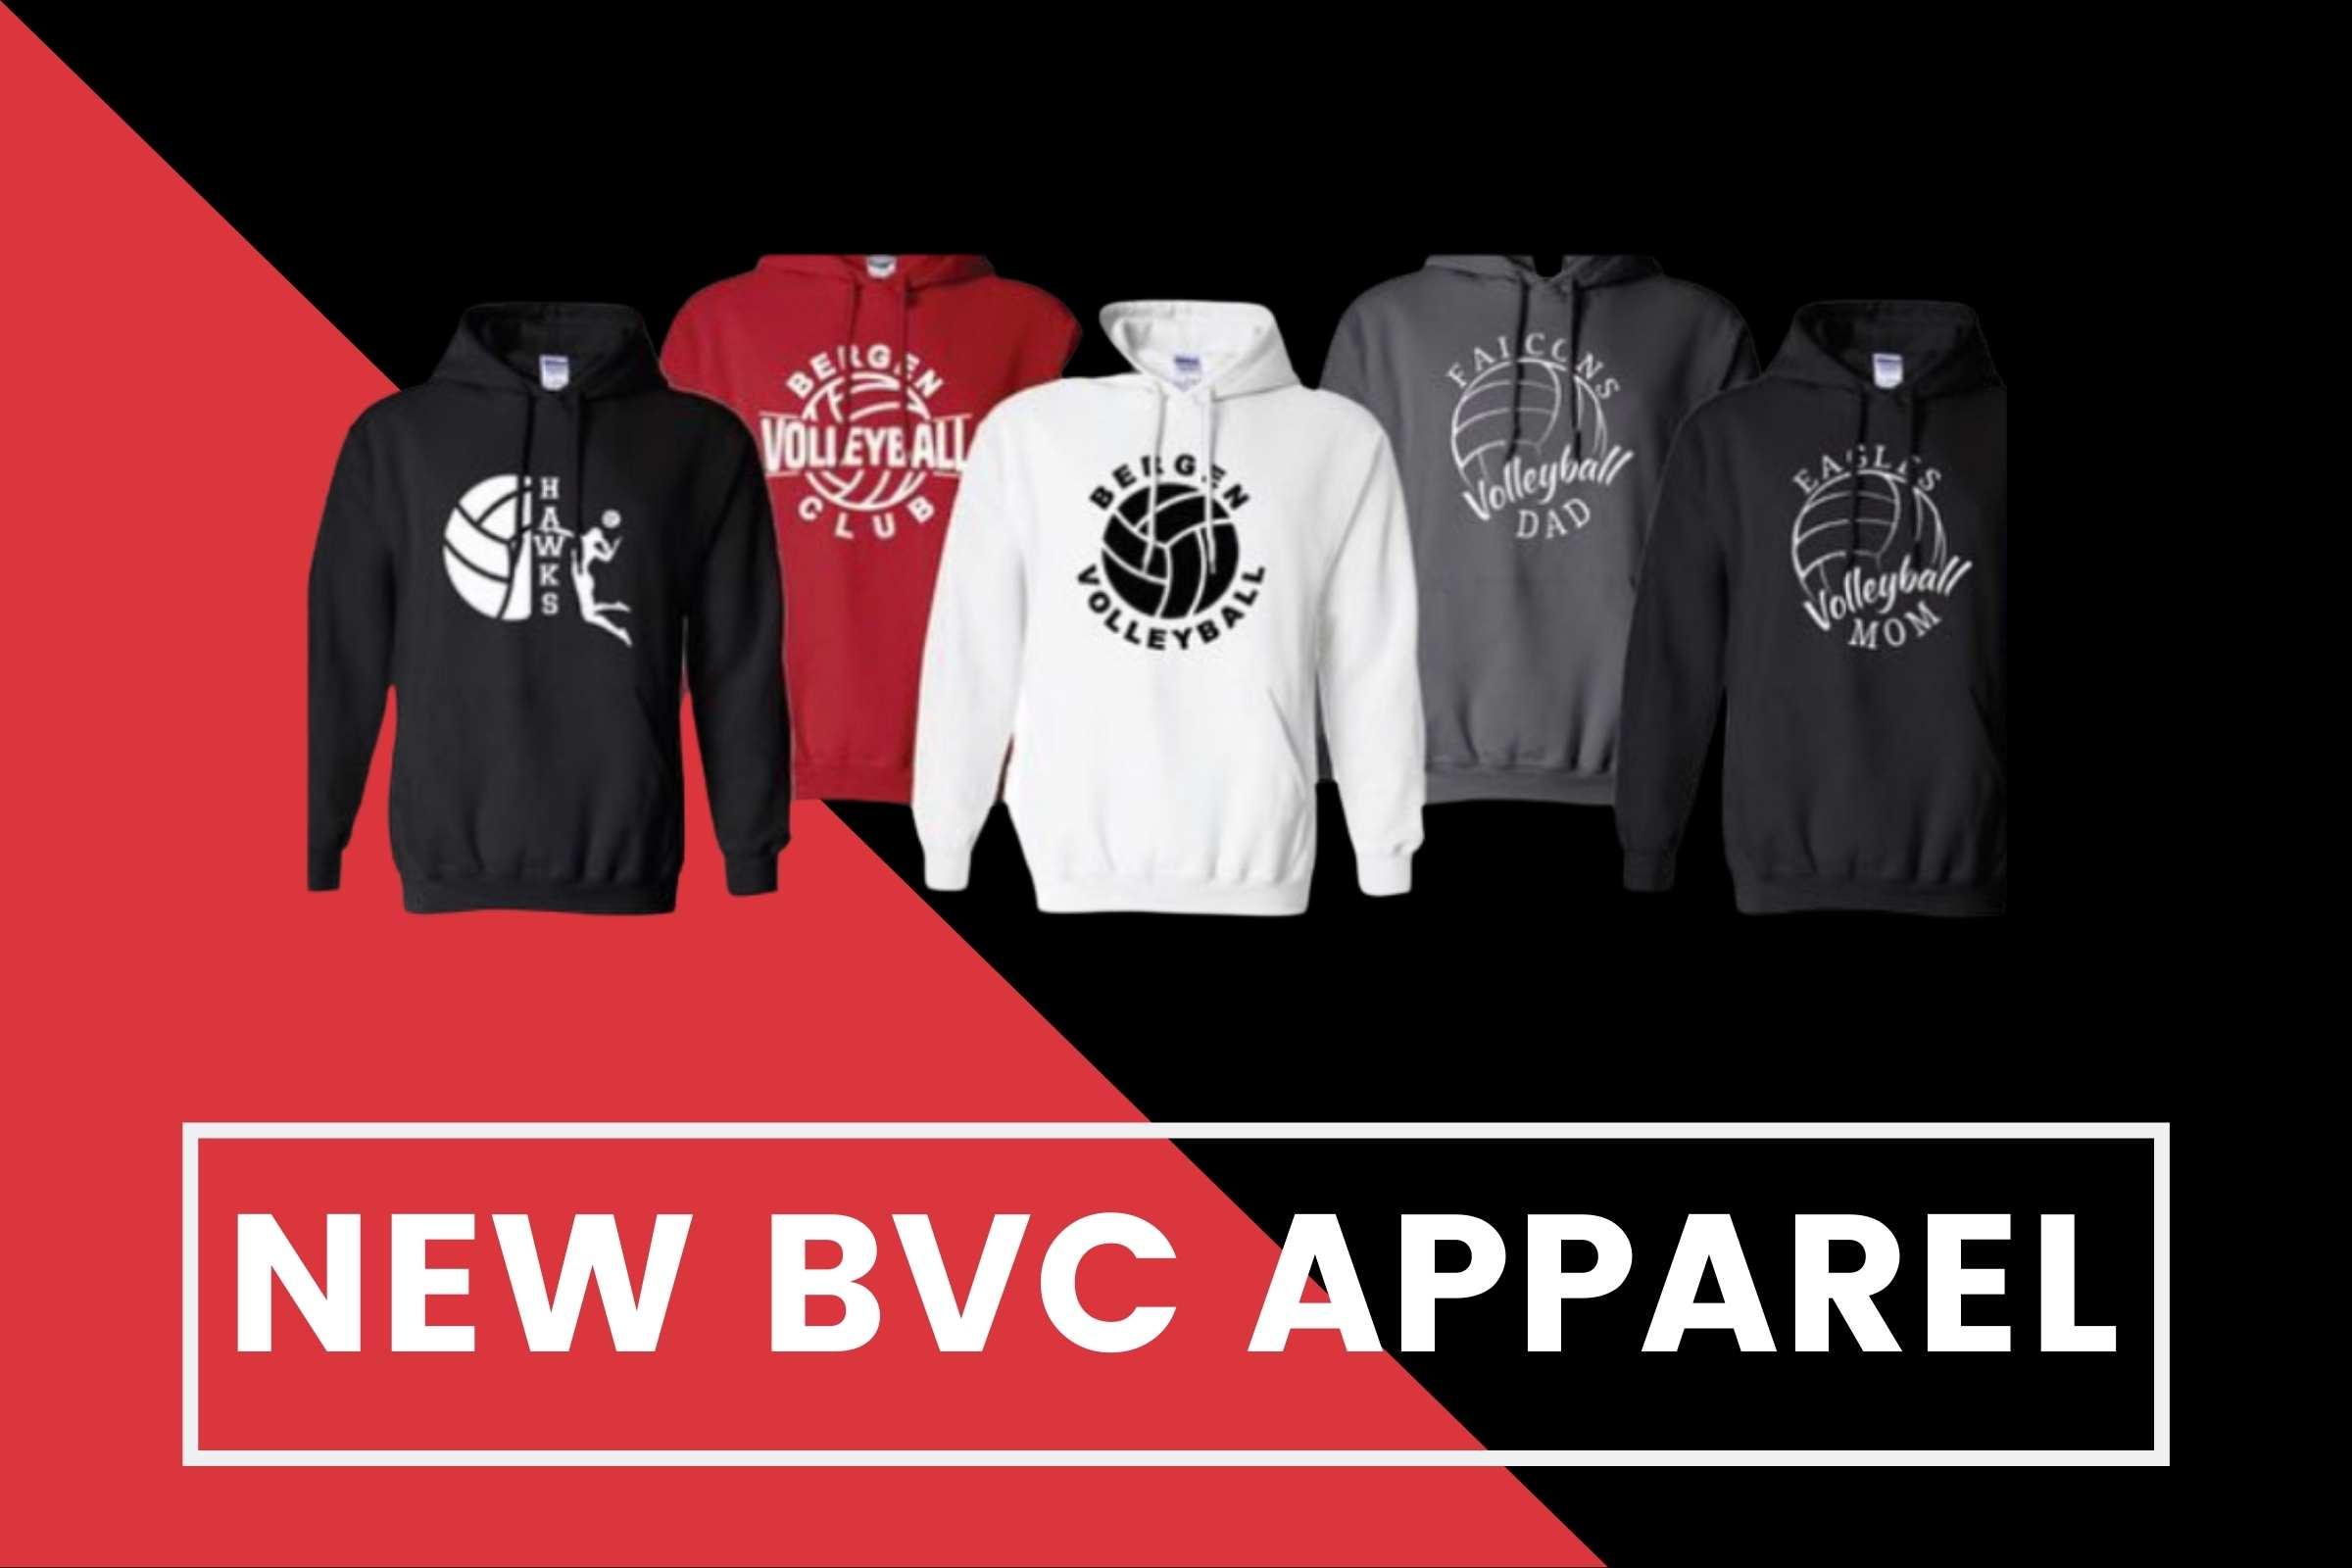 BVC Apparel